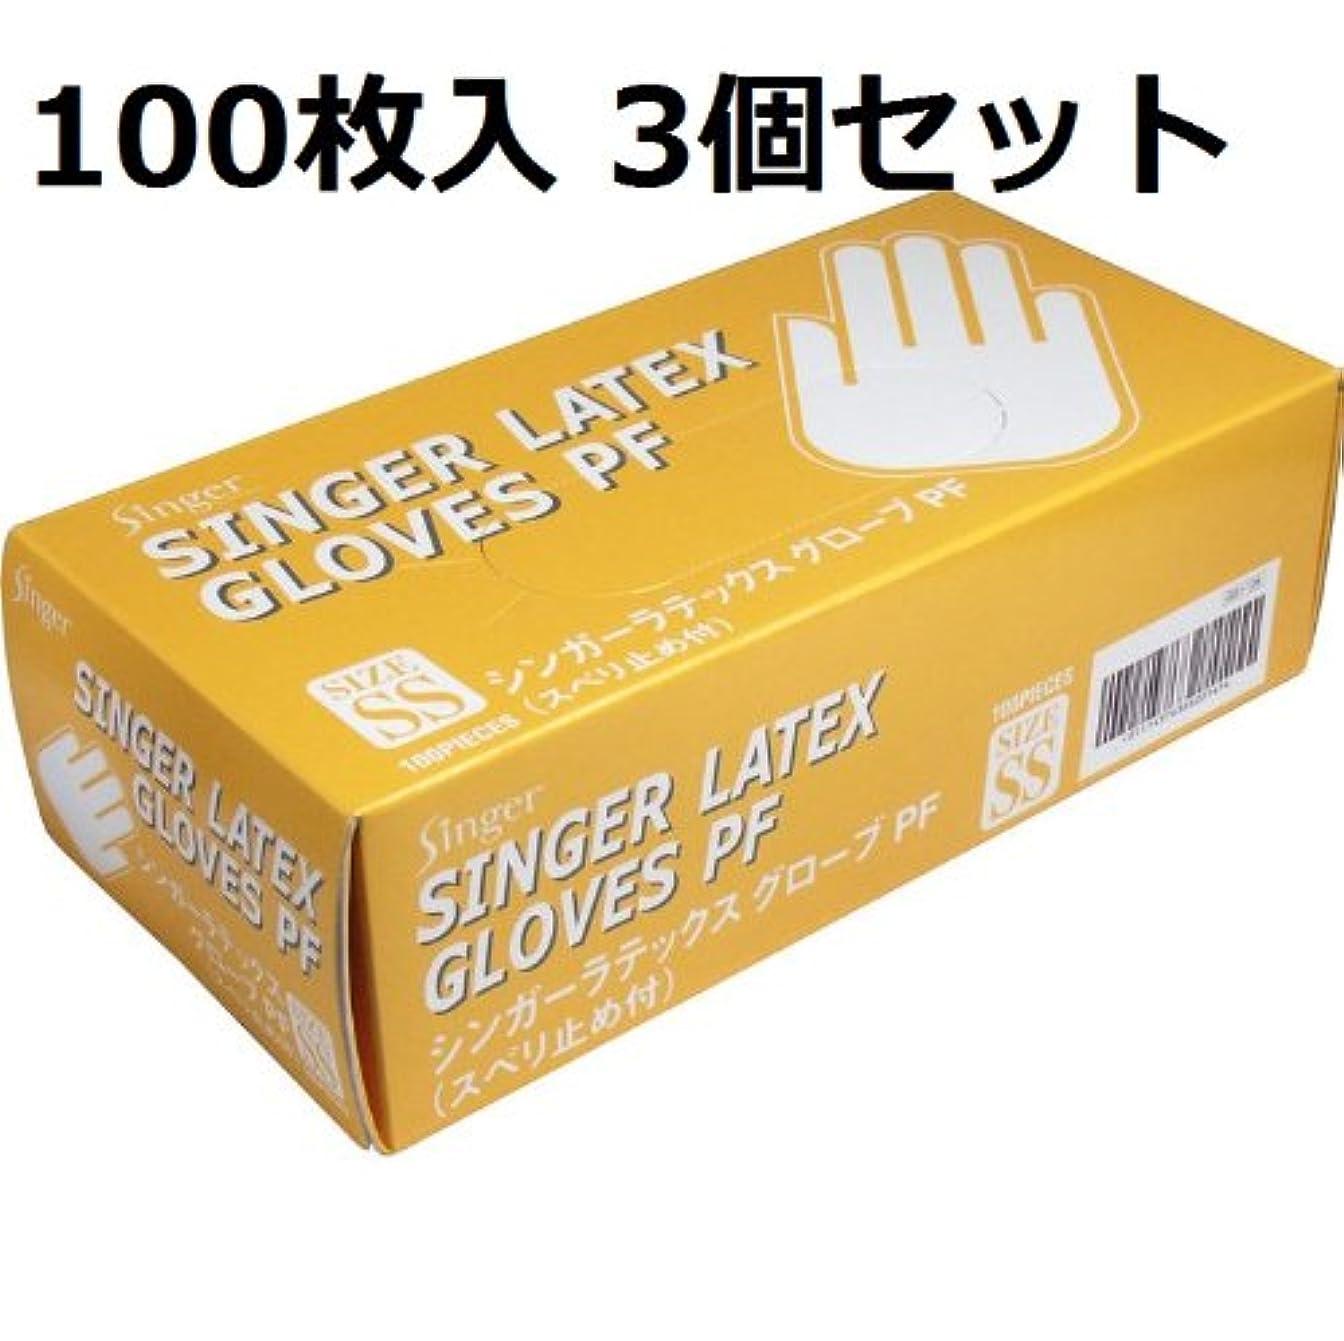 グラム発揮するまろやかな手にピッタリフィット 超薄手仕上げ スベリ止め付  手袋 SSサイズ 100枚入 3個セット